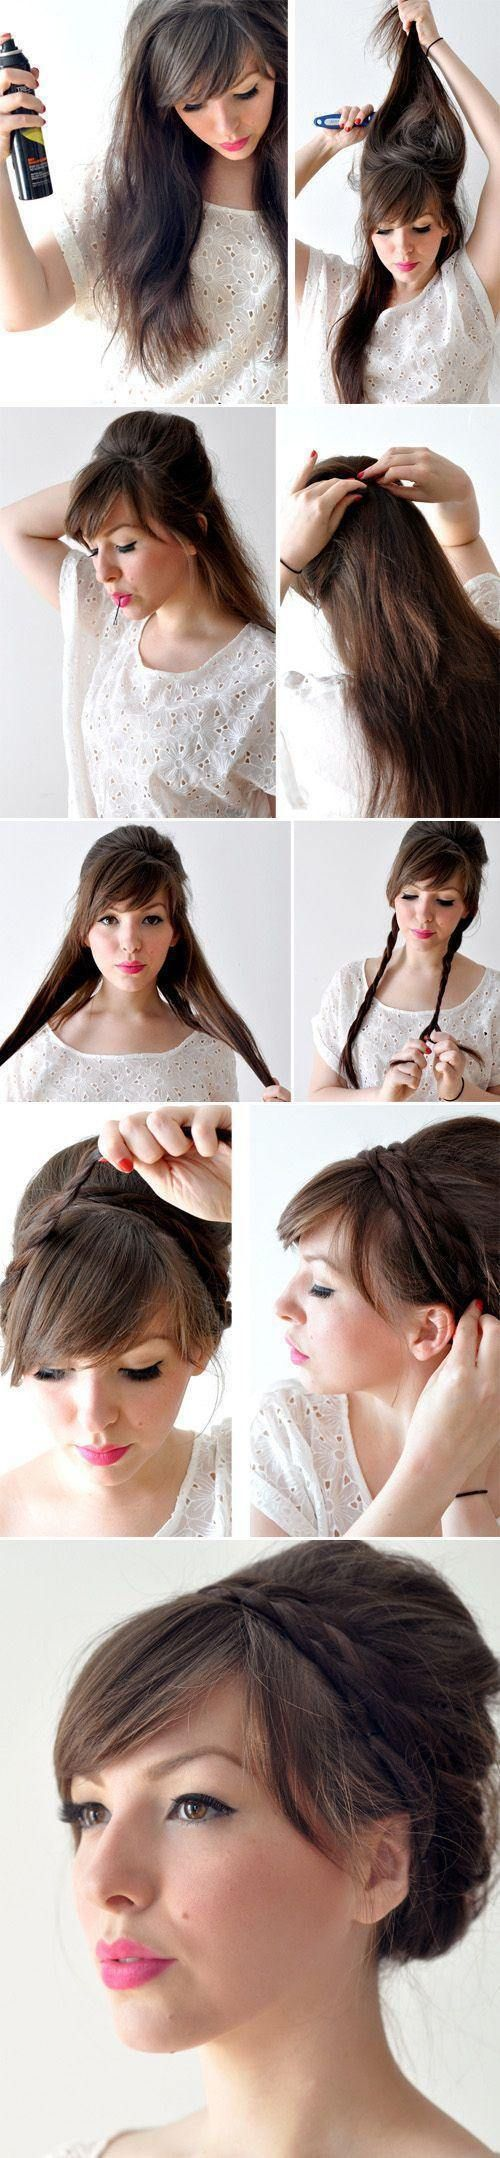 hair ideas for long hair do it yourself